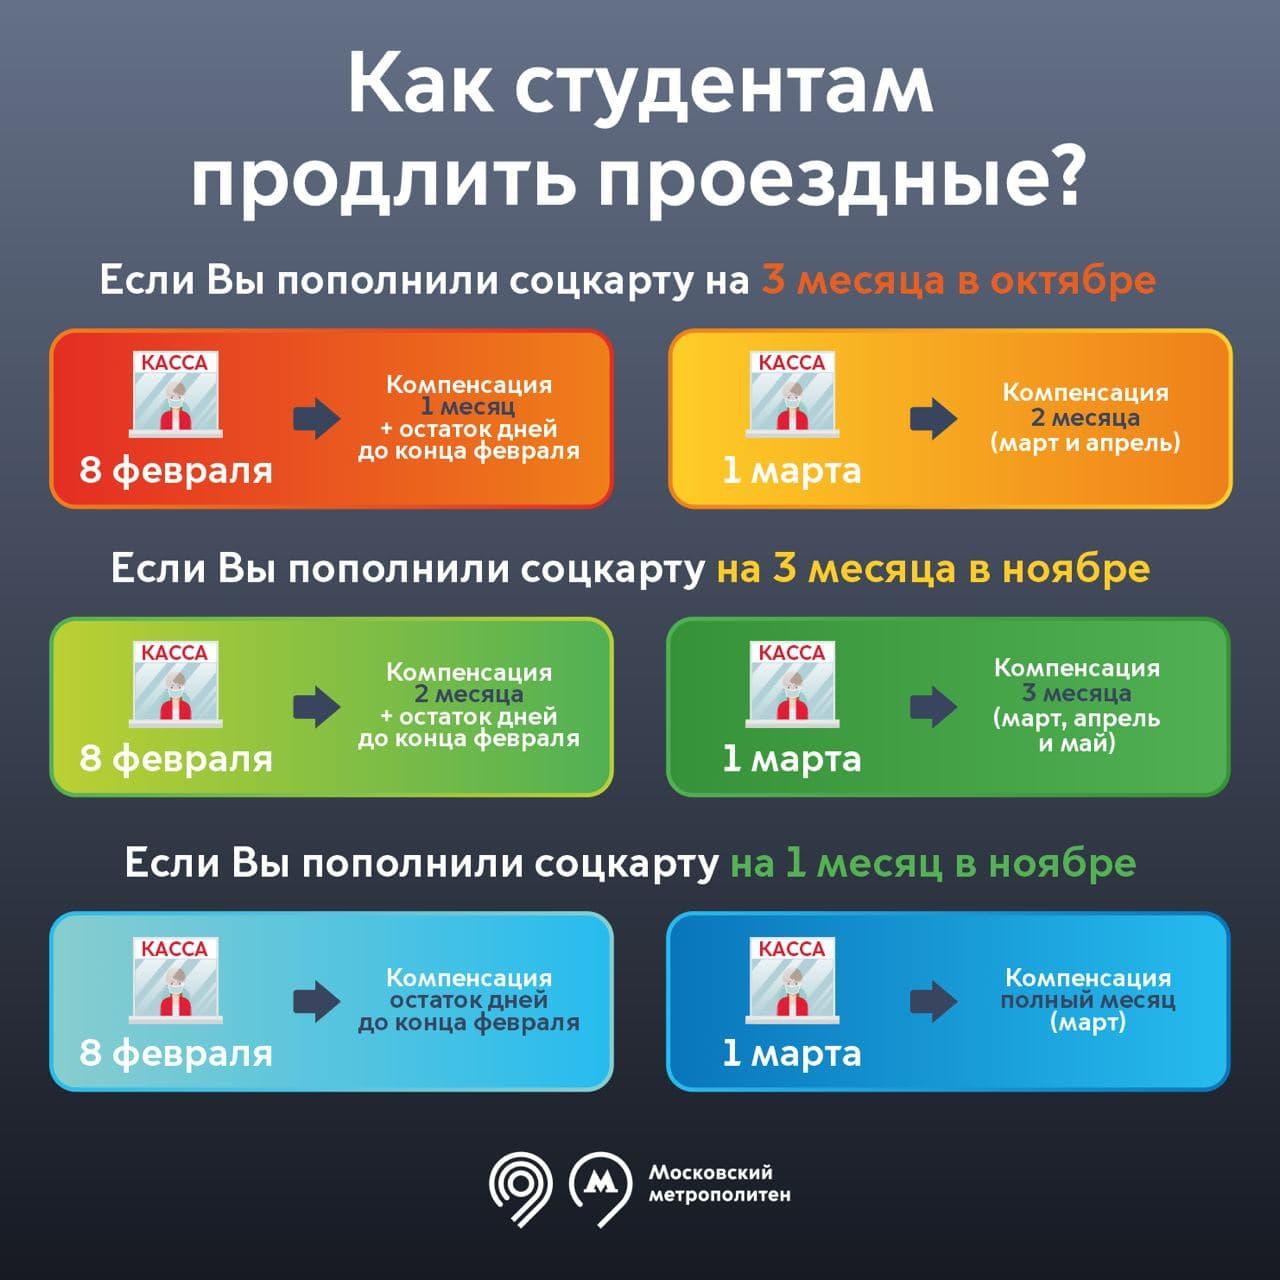 Власти Москвы рассказали, как студентам продлить проездные